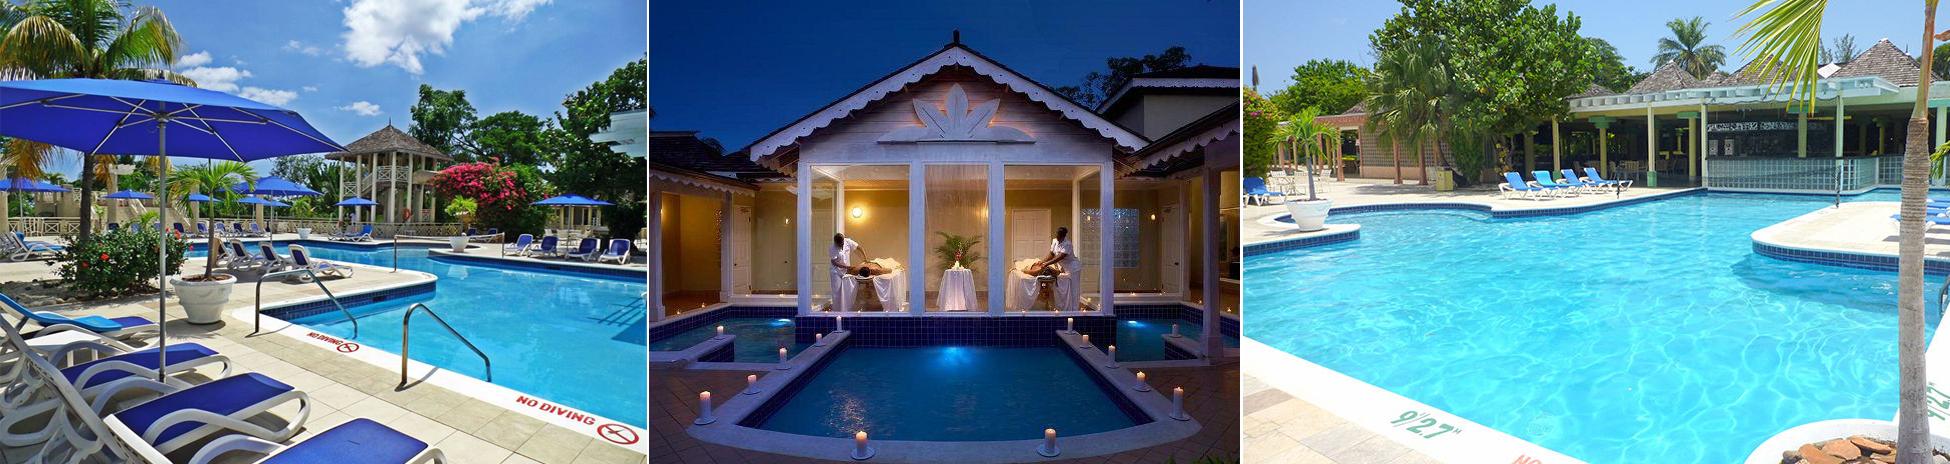 Jamaica-Pool.png